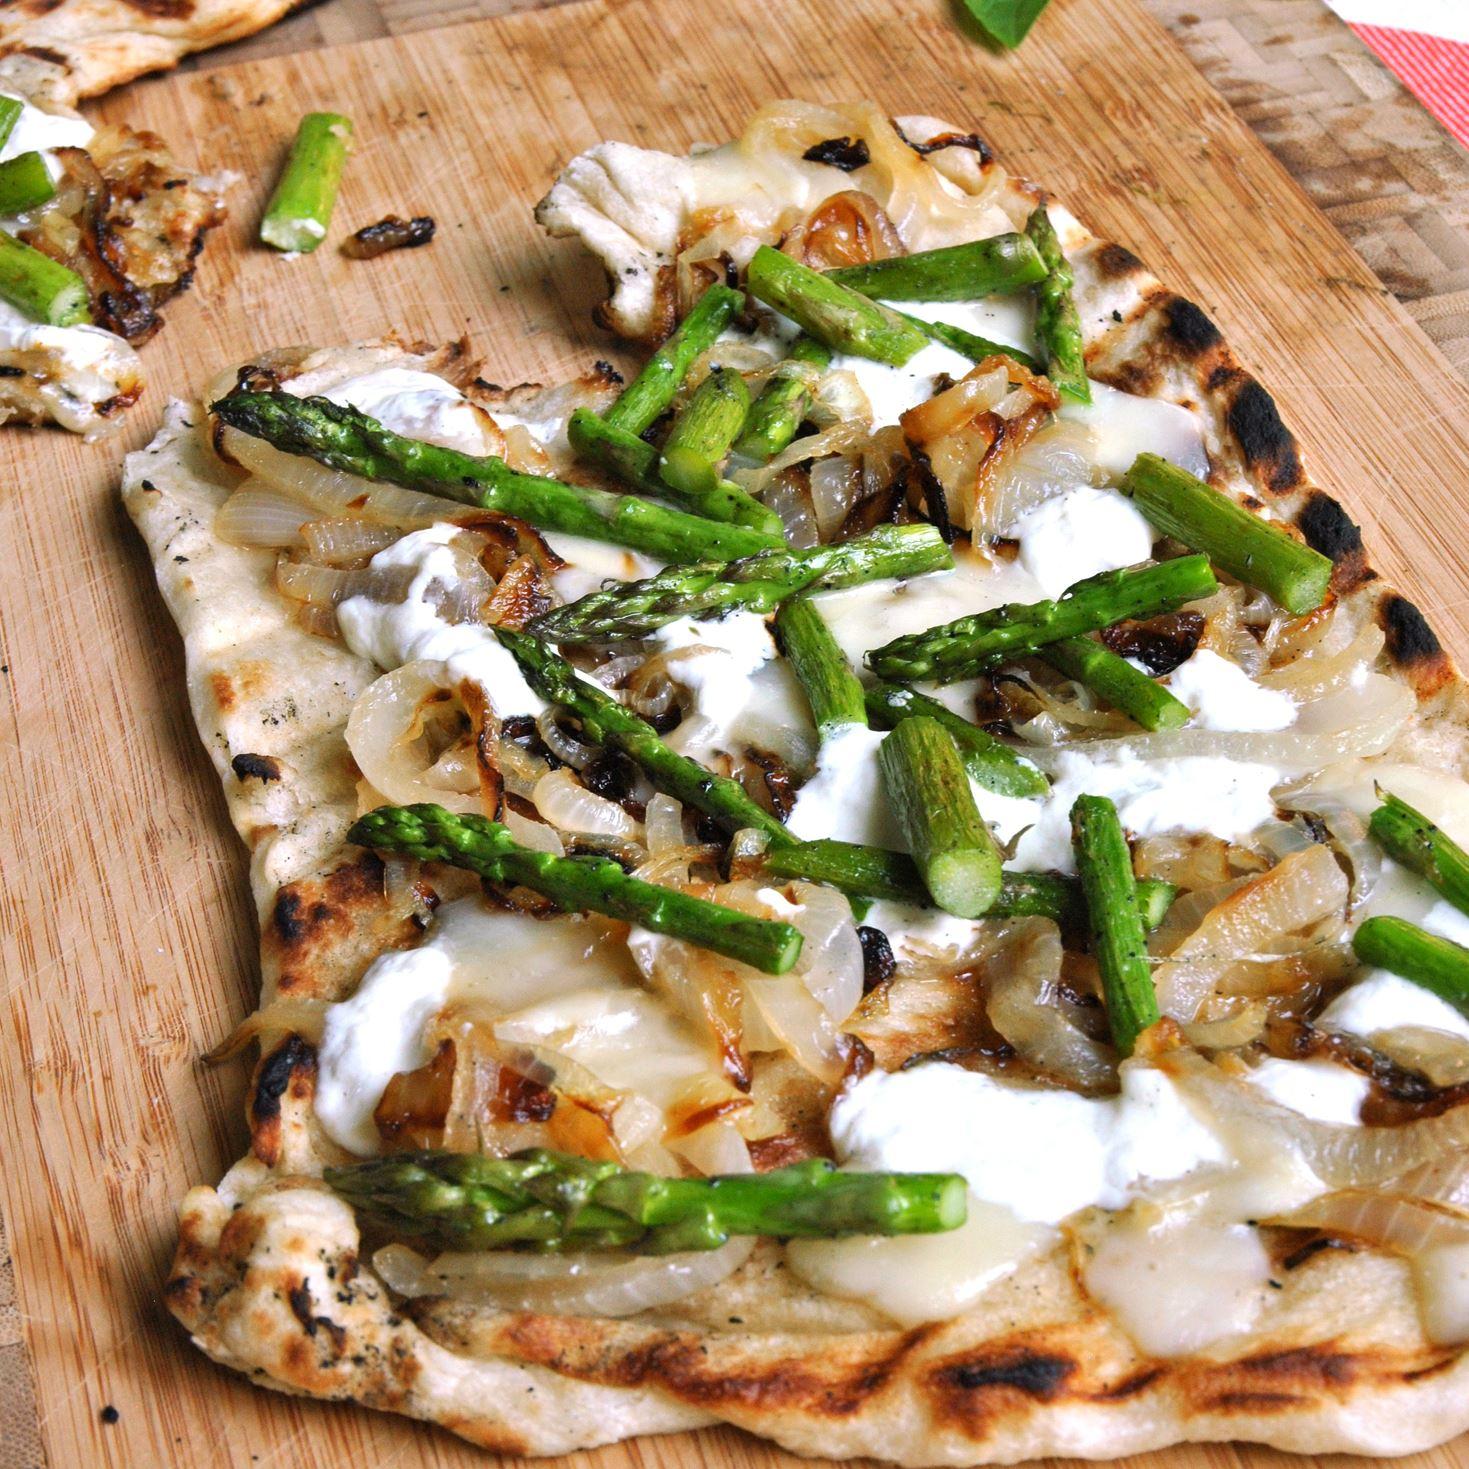 Dearheart recipe Dearheart's Caramelized Onion and Asparagus Pizza